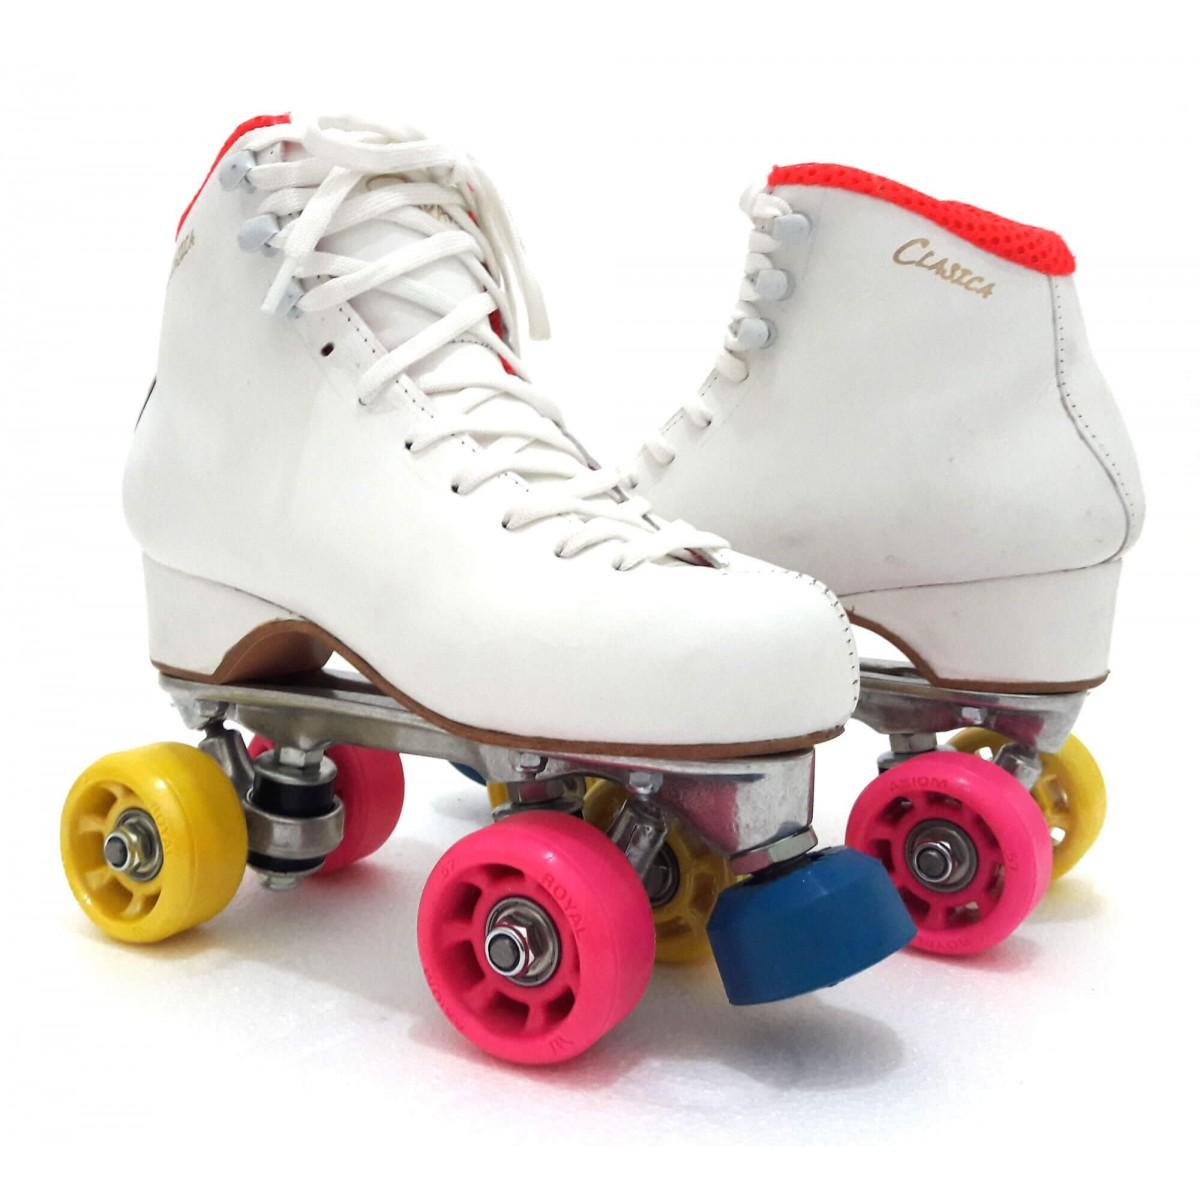 Fotos de patines rollers 85